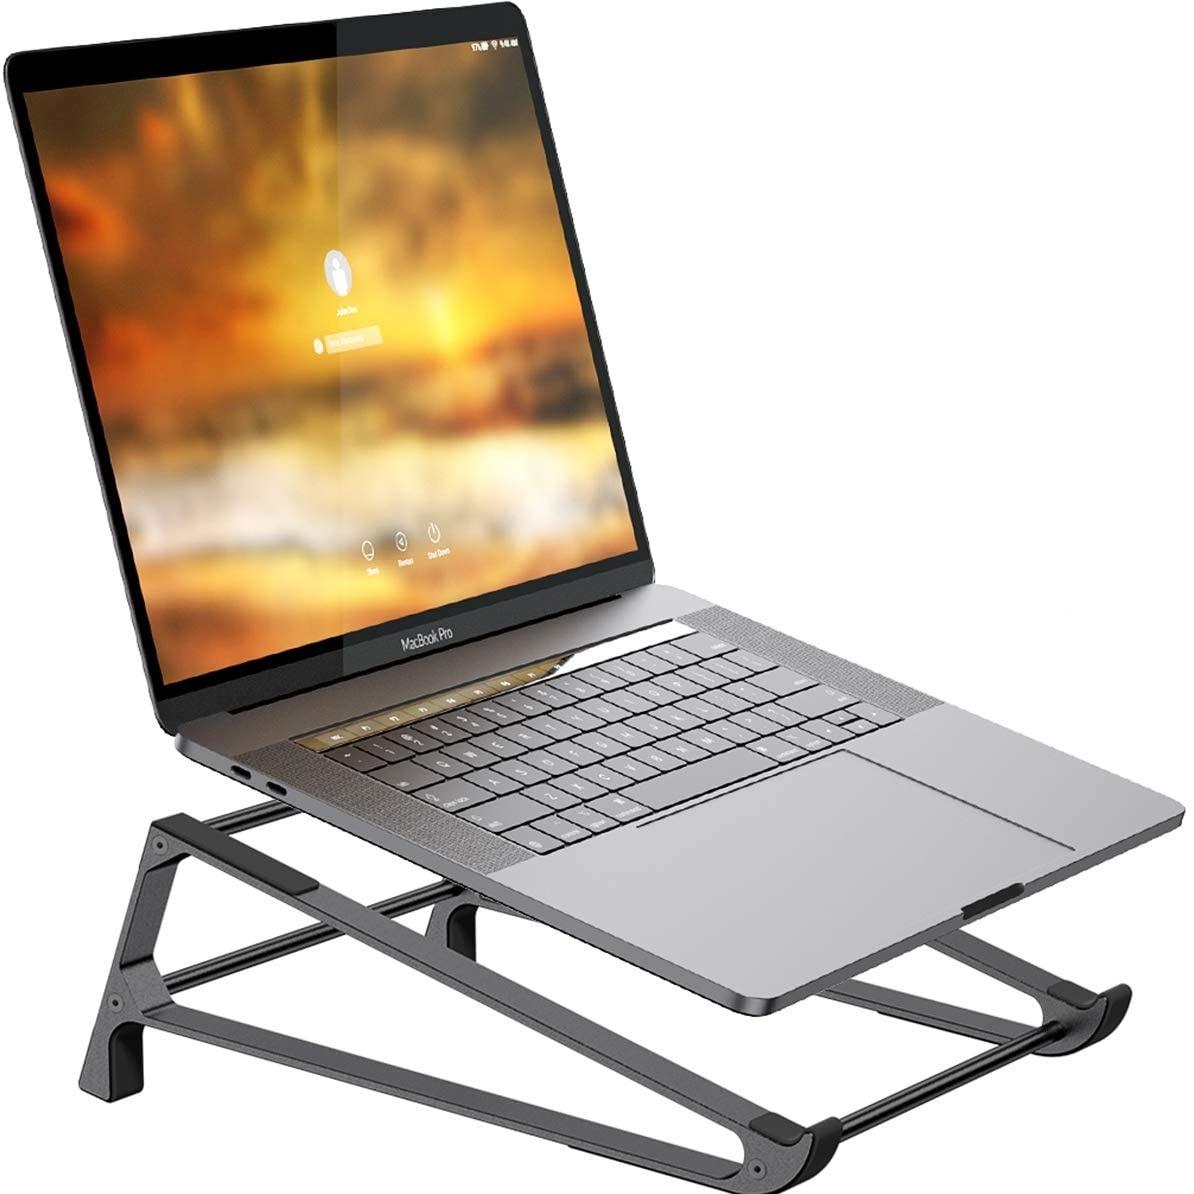 어바너 프리미엄 알루미늄 맥북 노트북 테블릿 듀얼 거치대 스탠드 (다크그레이)-24-5044572936